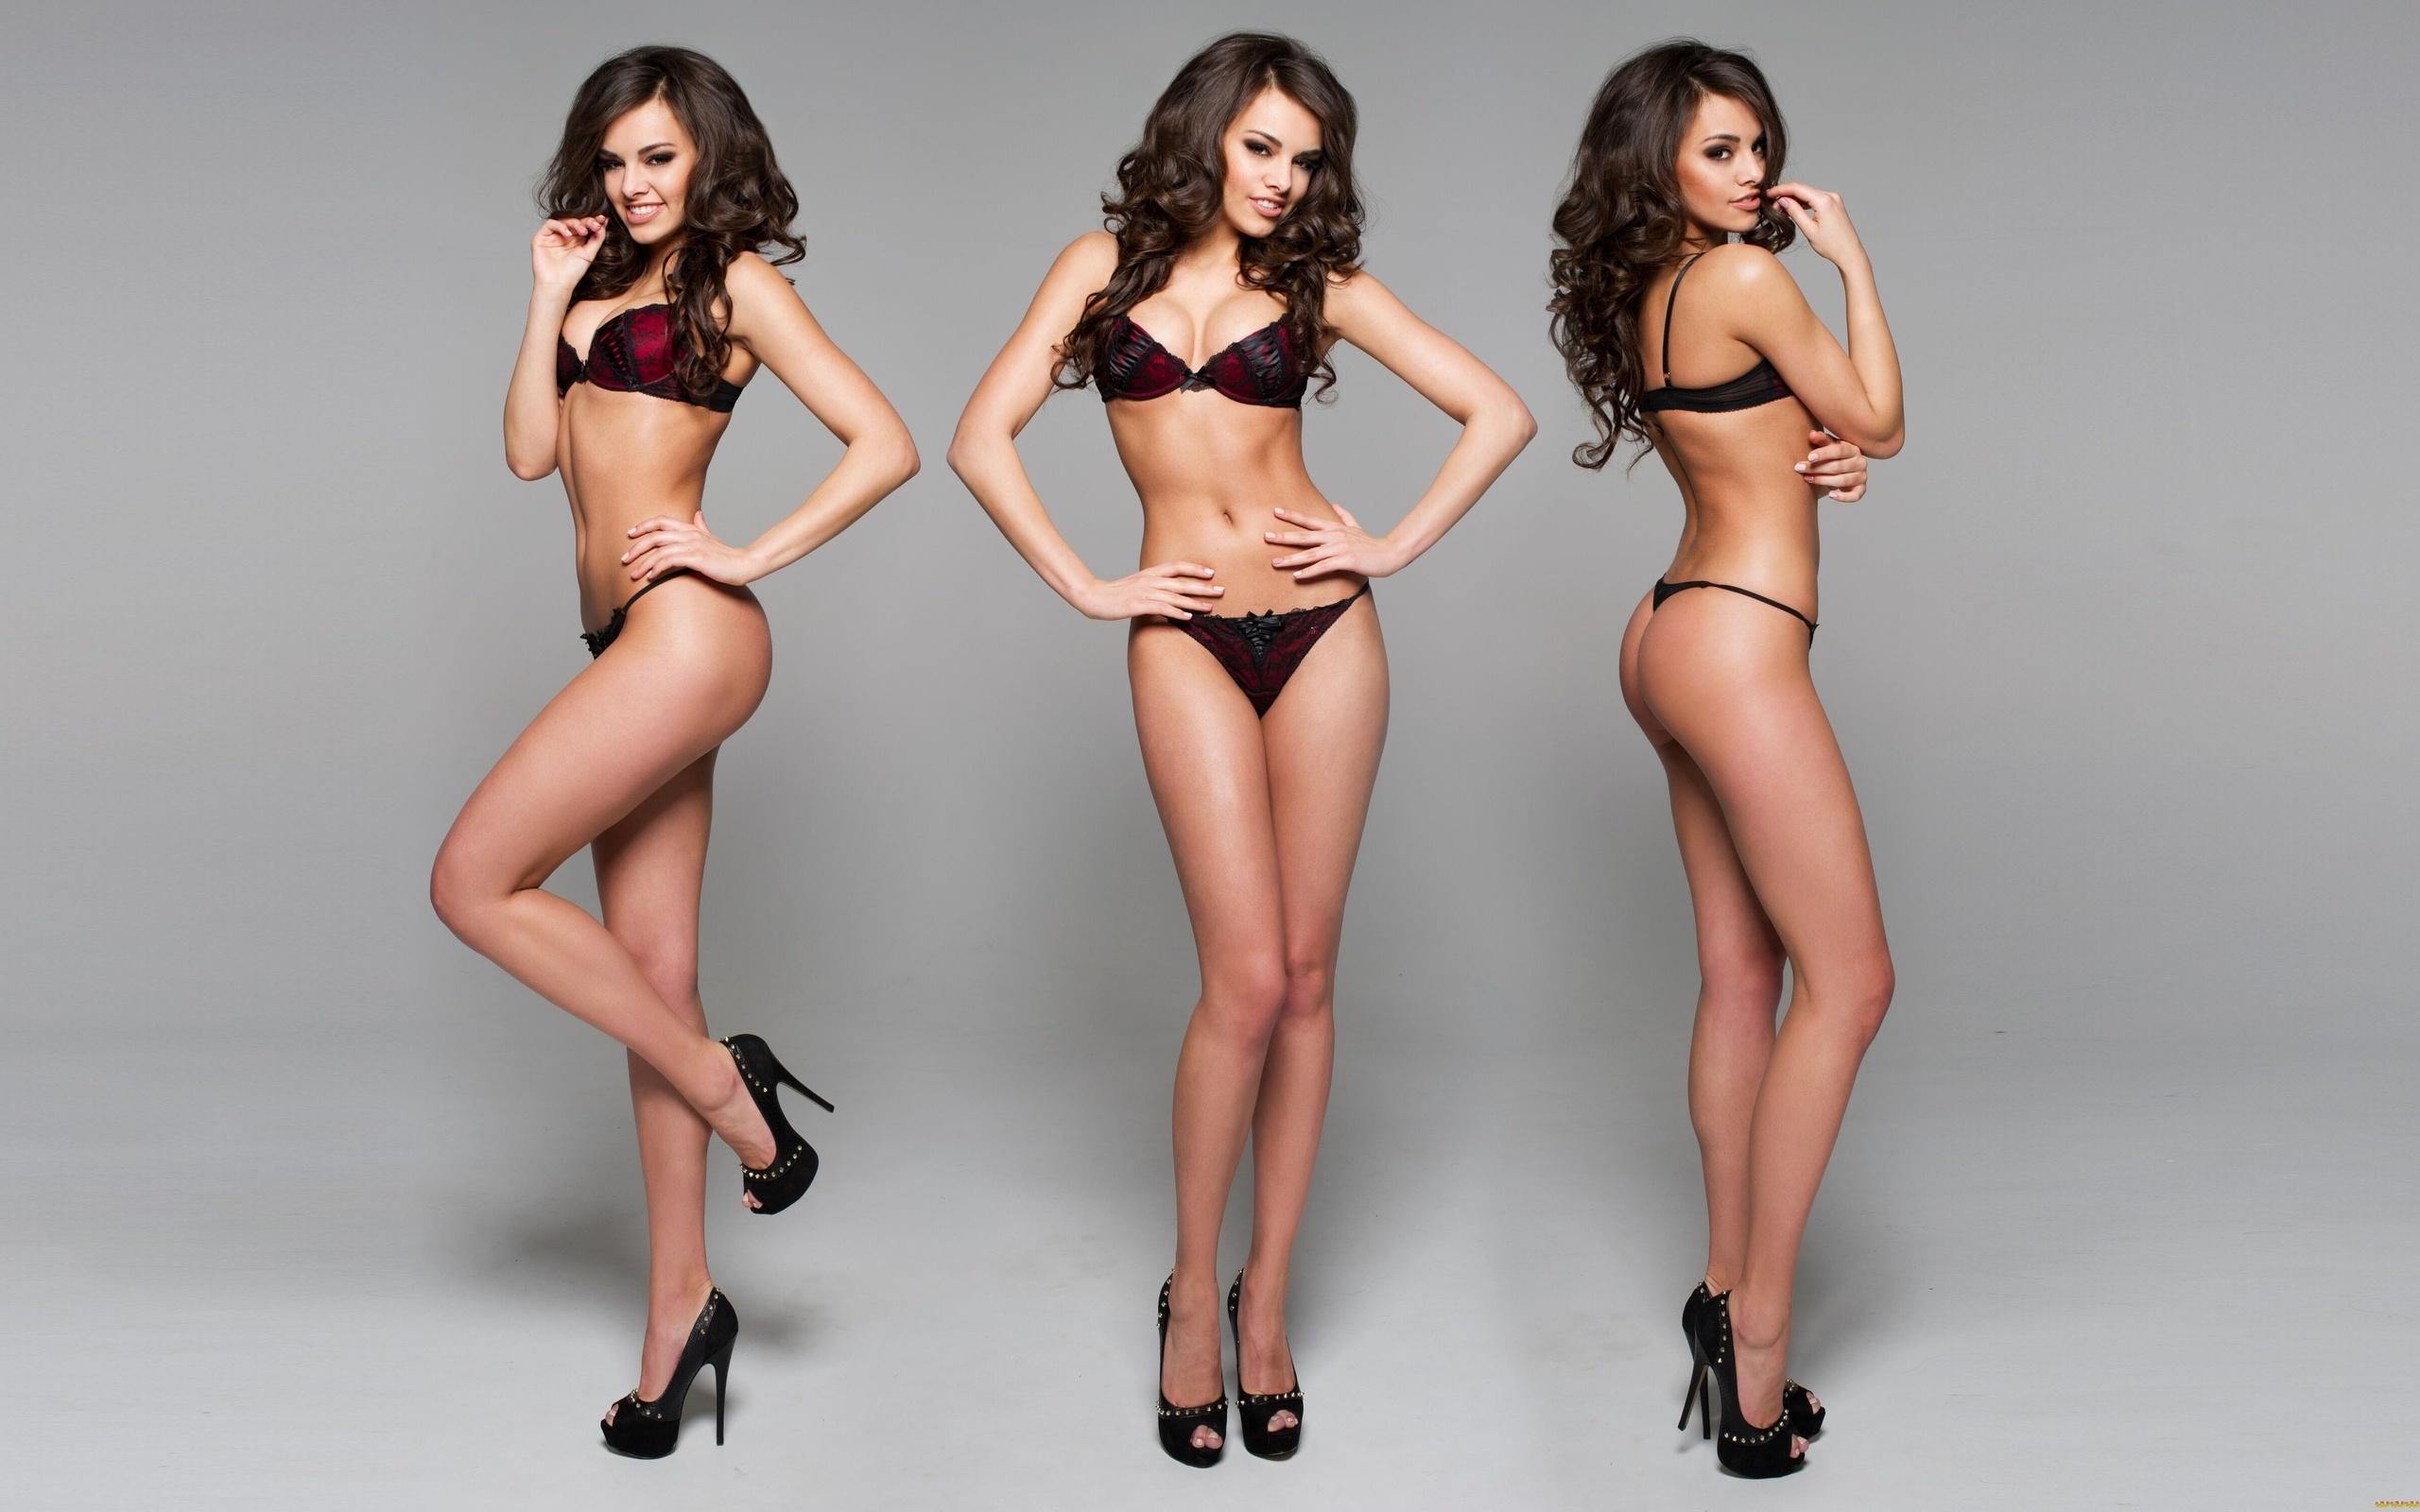 Нереальные девушки с идеальными формами